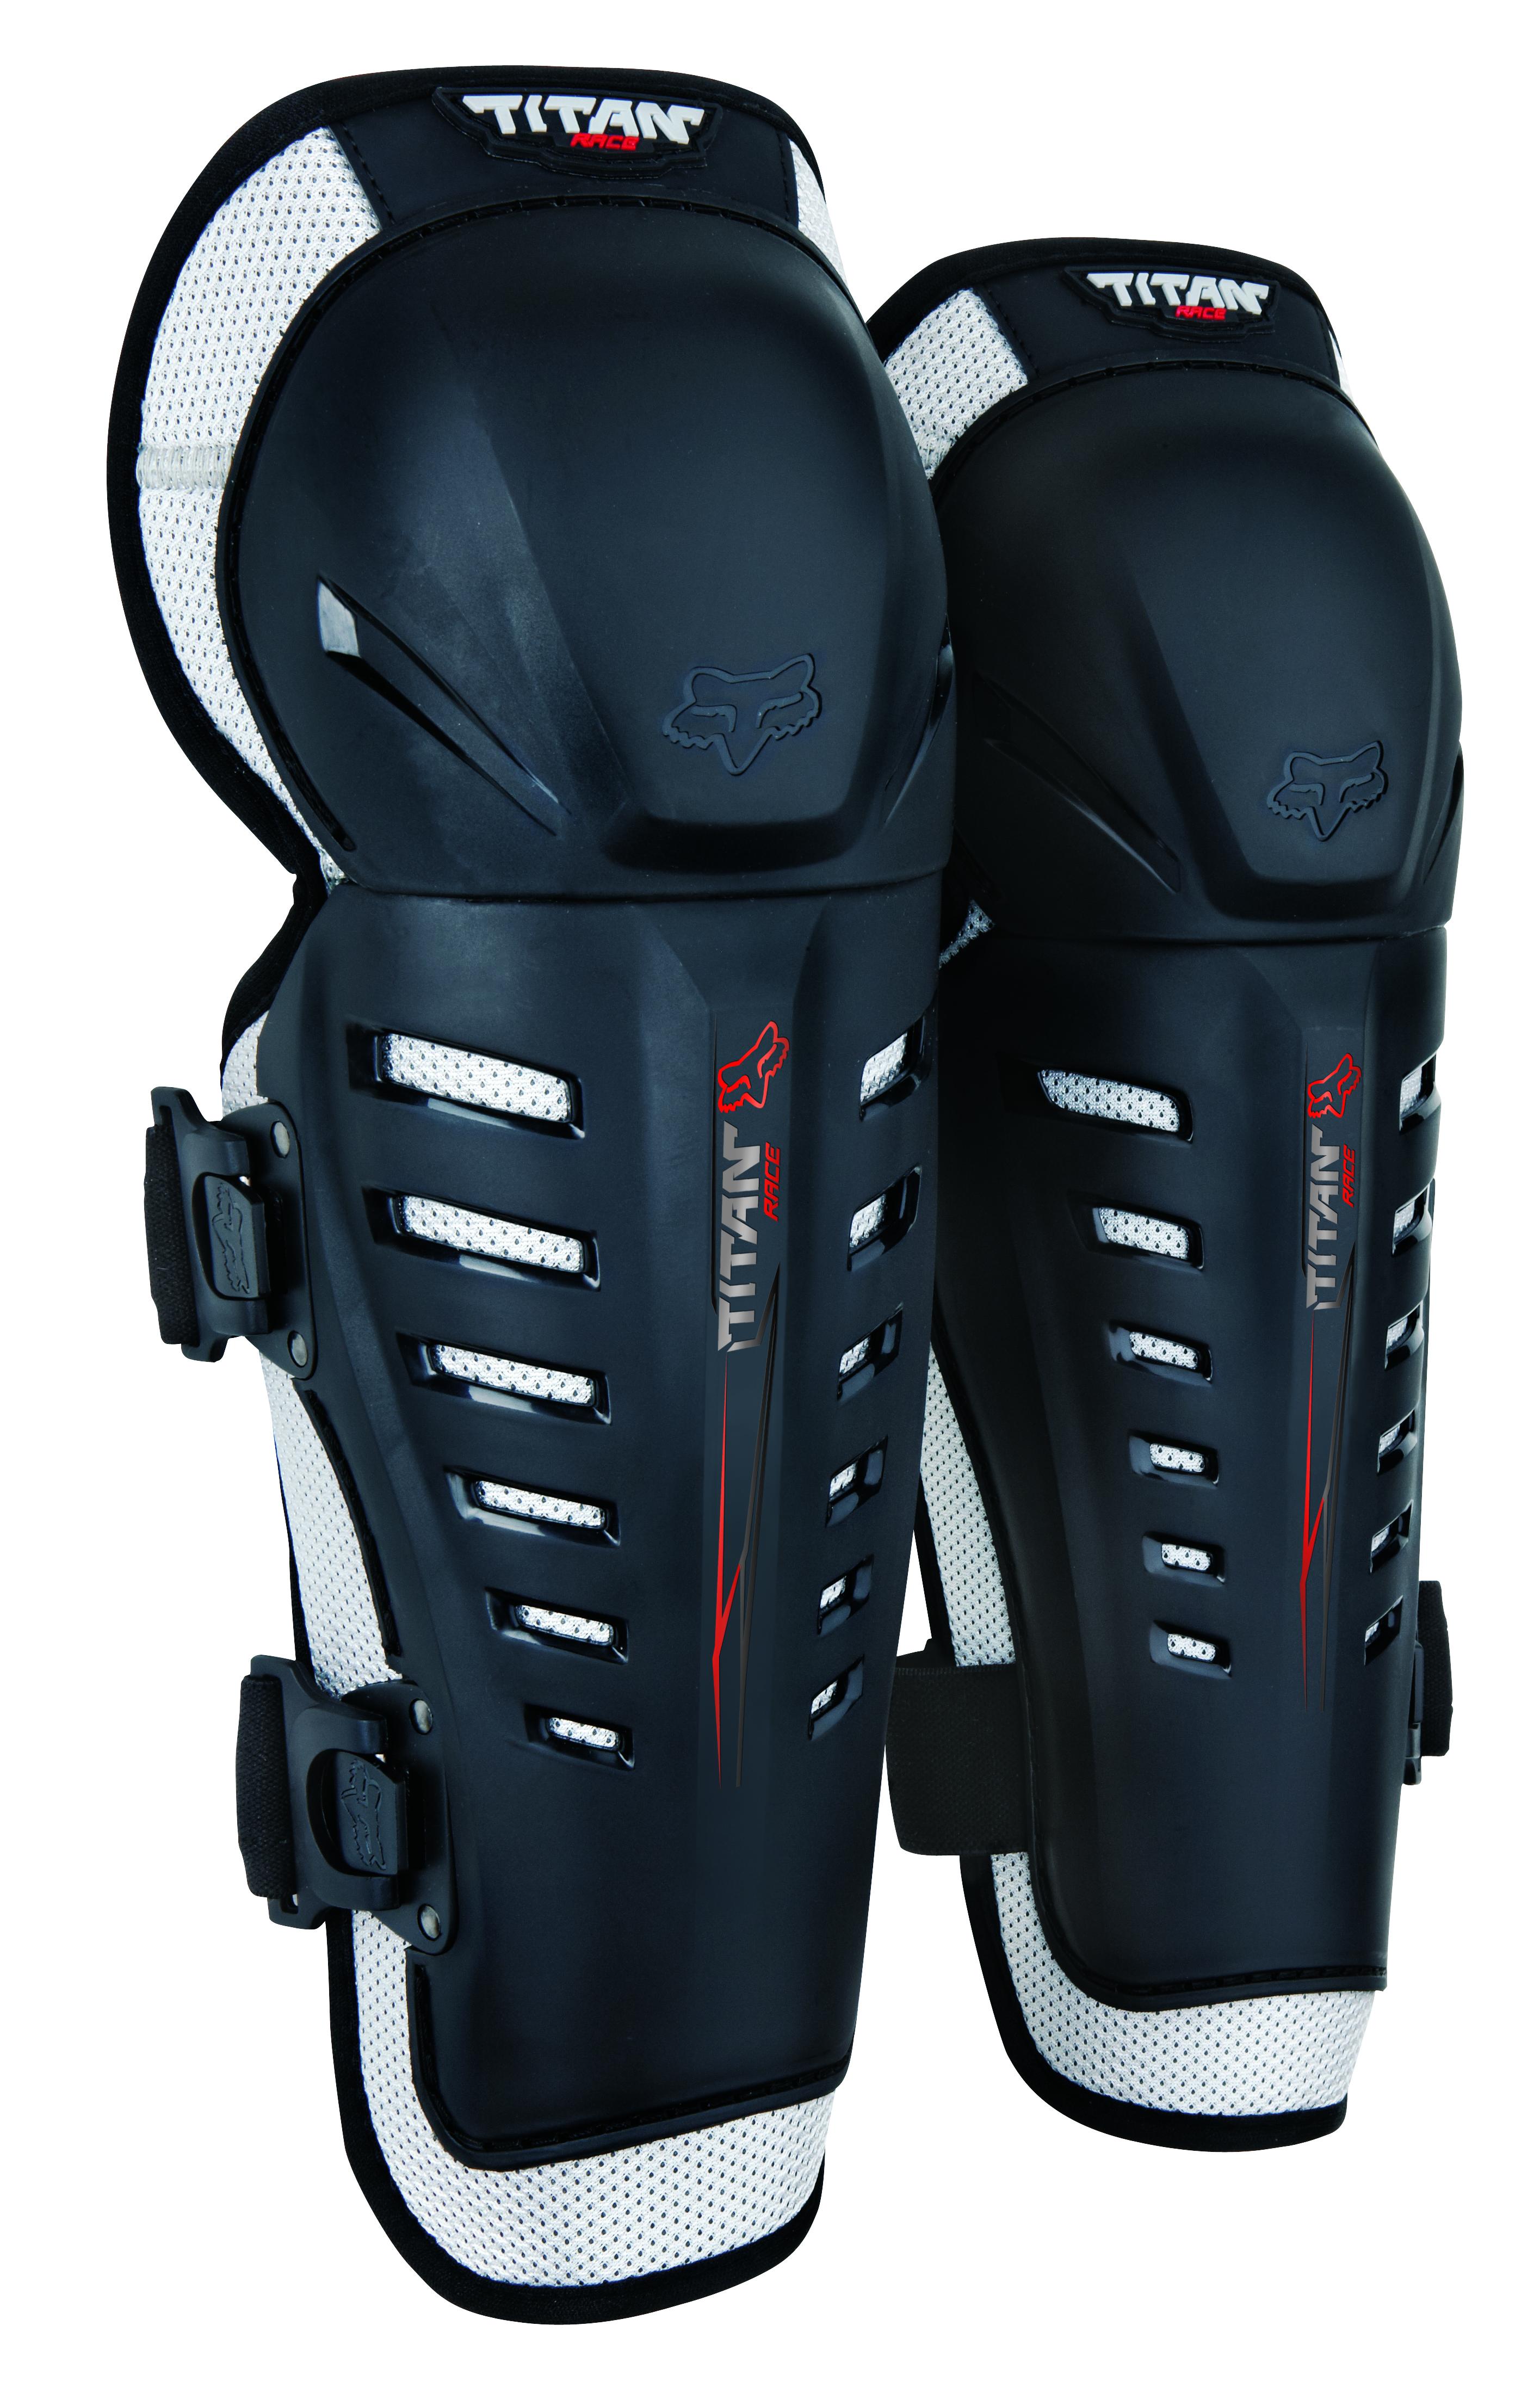 Fox Kniebeschermer Titan Race - Zwart